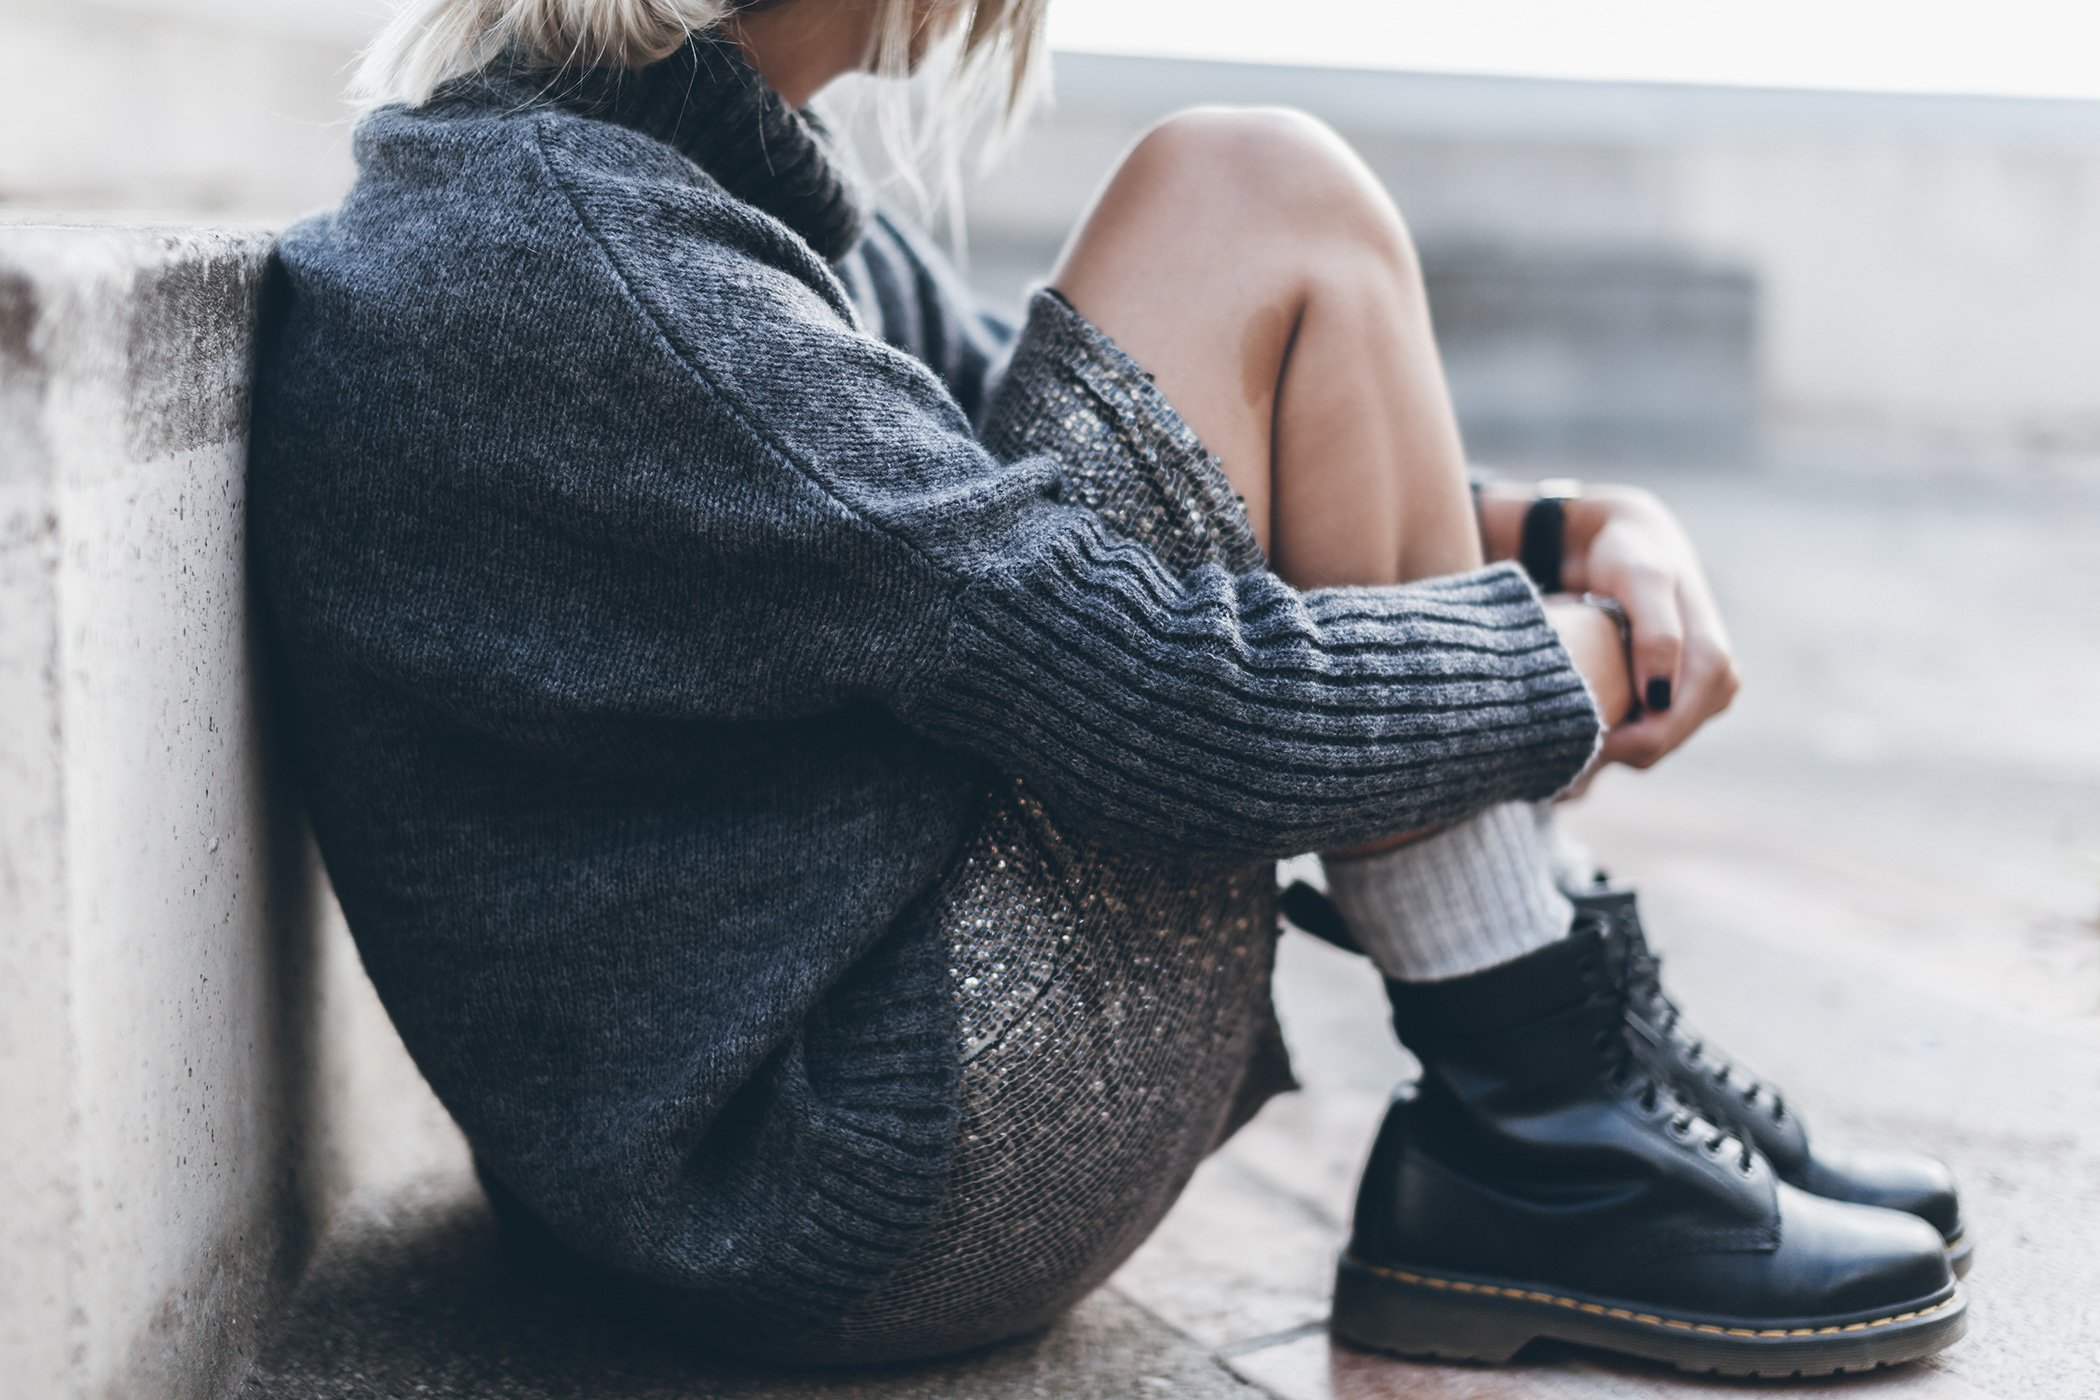 mikuta-cozy-in-vila-sweater-12